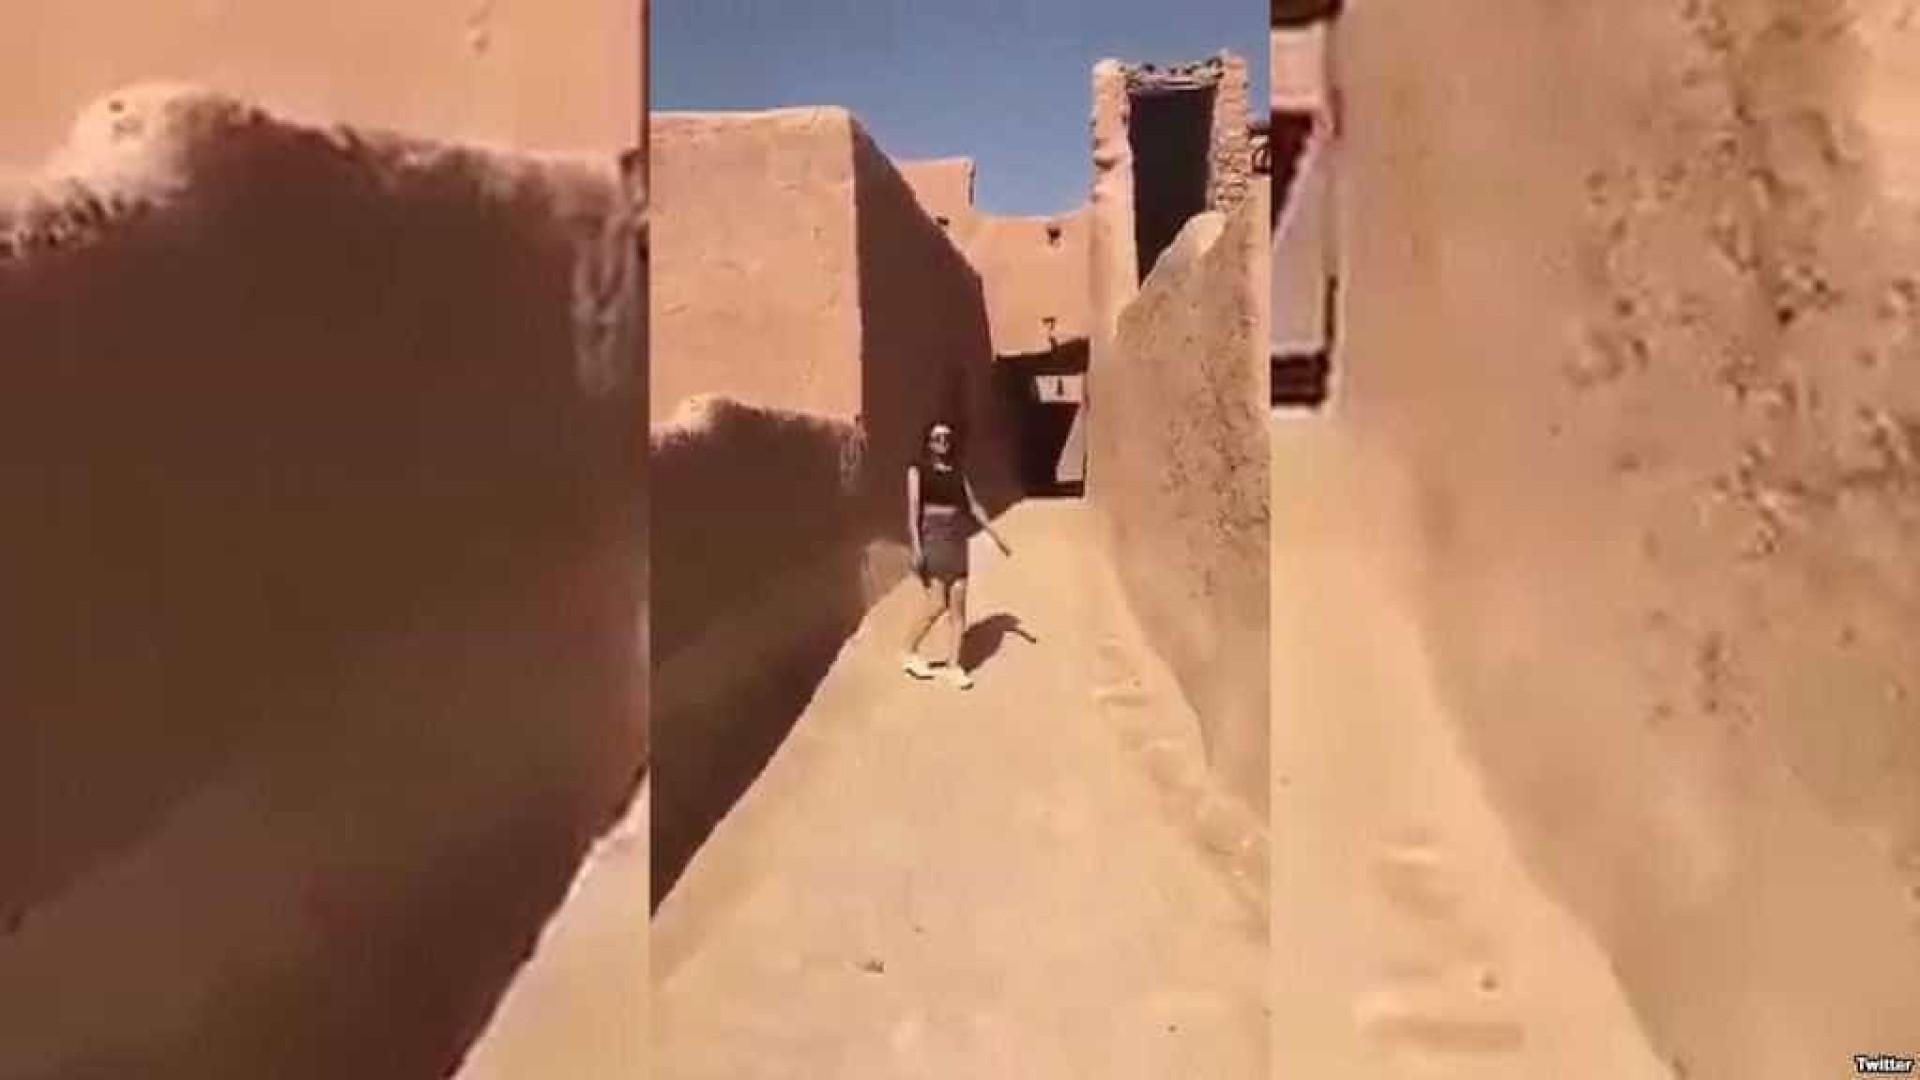 Jovem da Arábia Saudita gera polémica com vídeo de mini-saia e top